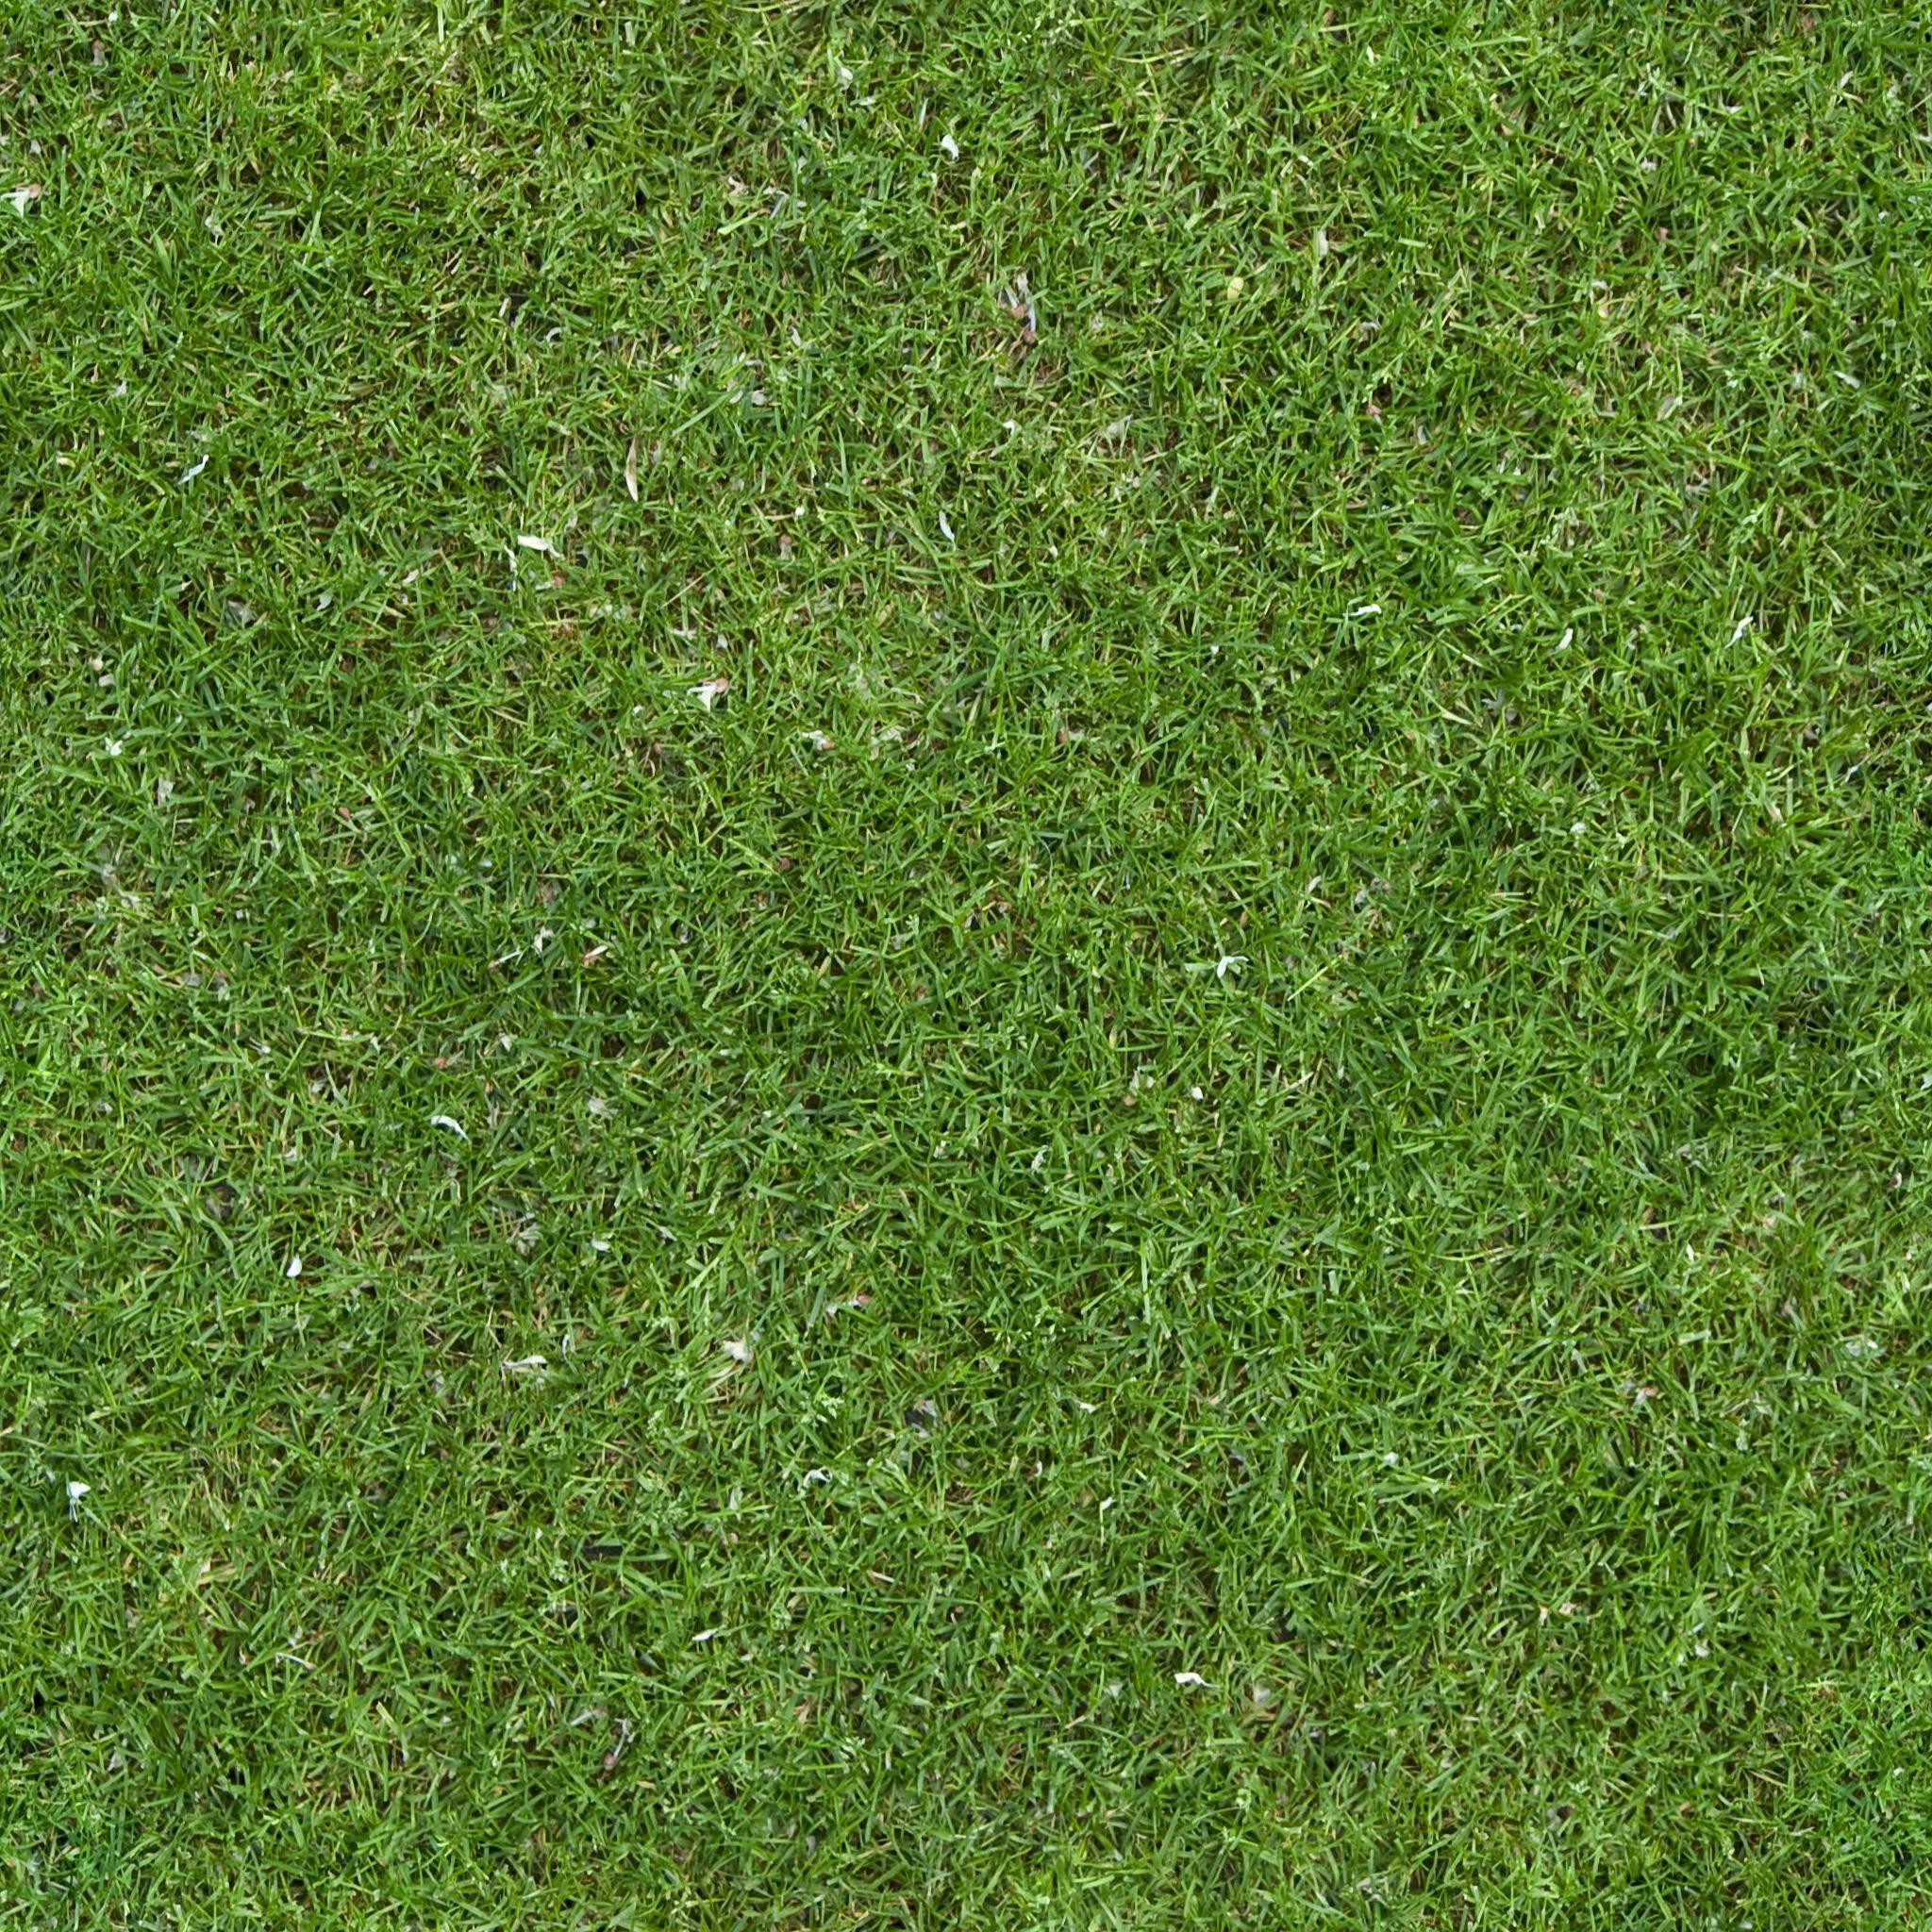 Grassgreentexture0002